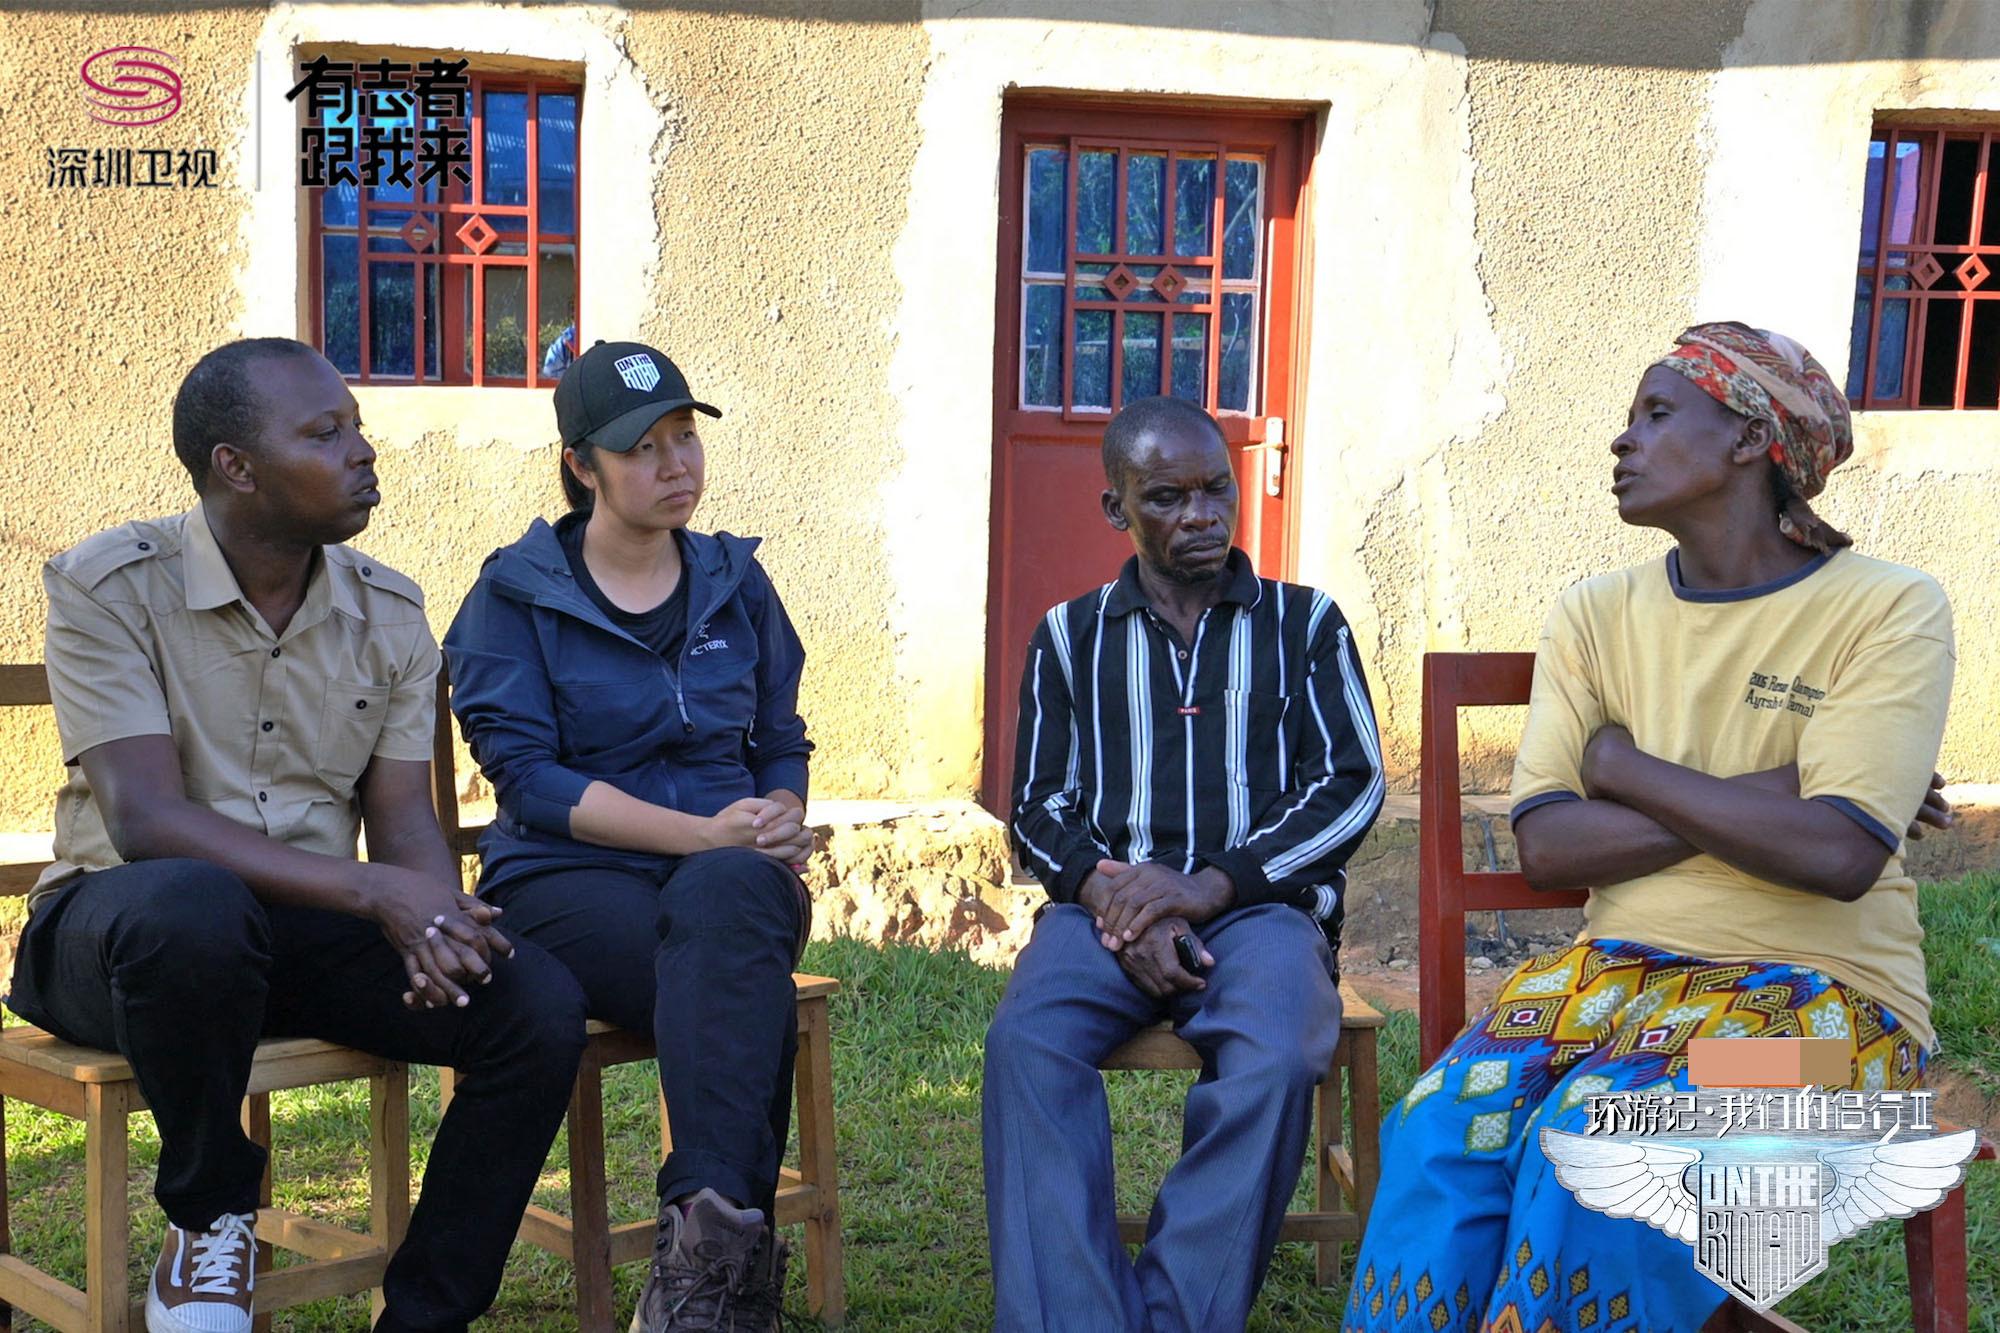 环游记 我们的侣行2 270夫妇触摸卢旺达最惨痛记忆